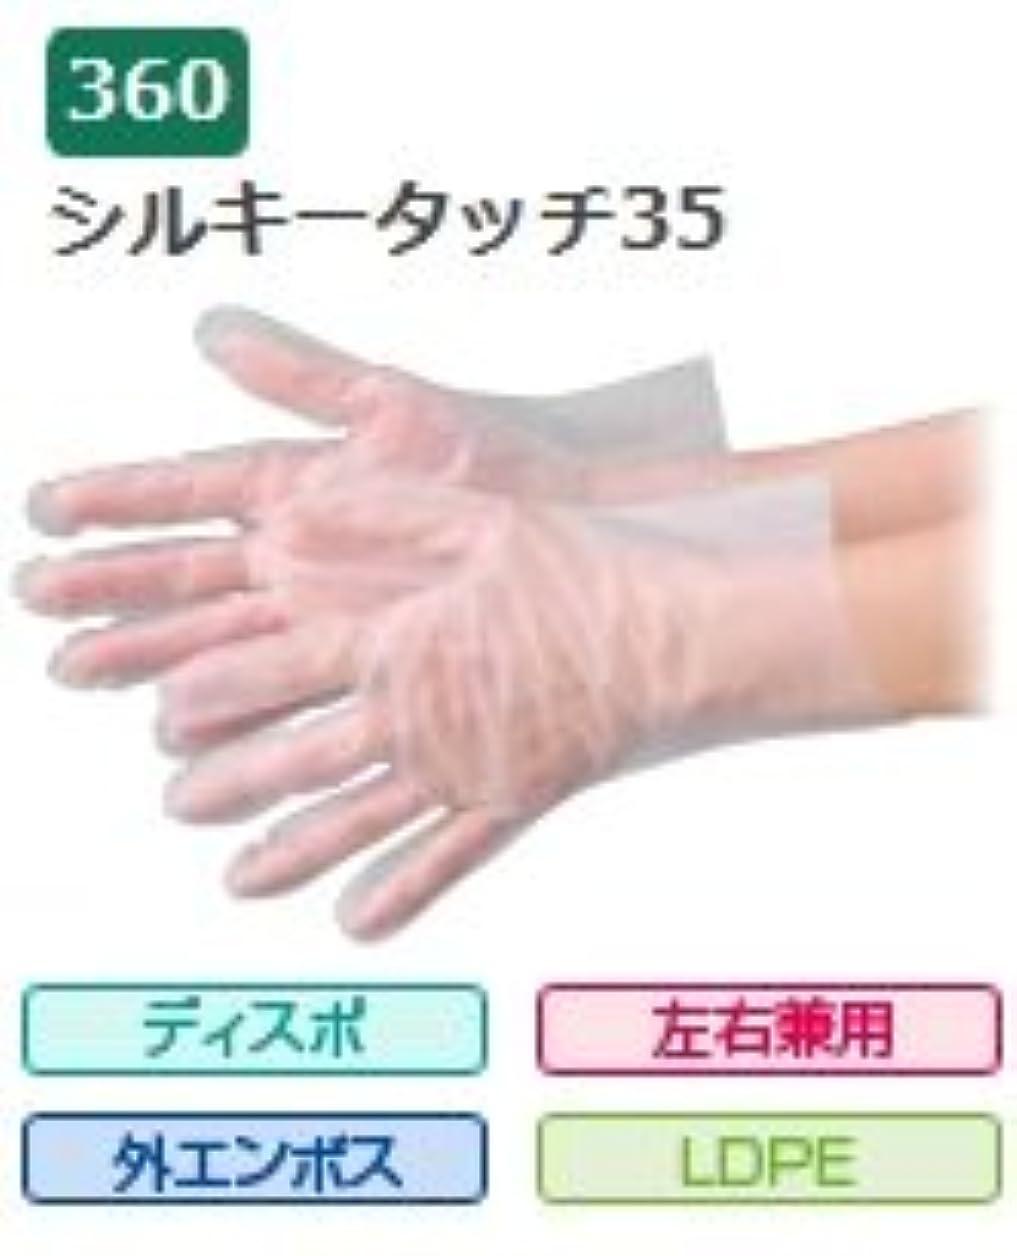 没頭する後逃げるエブノ ポリエチレン手袋 No.360 S 半透明 (100枚×50袋) シルキータッチ35 袋入